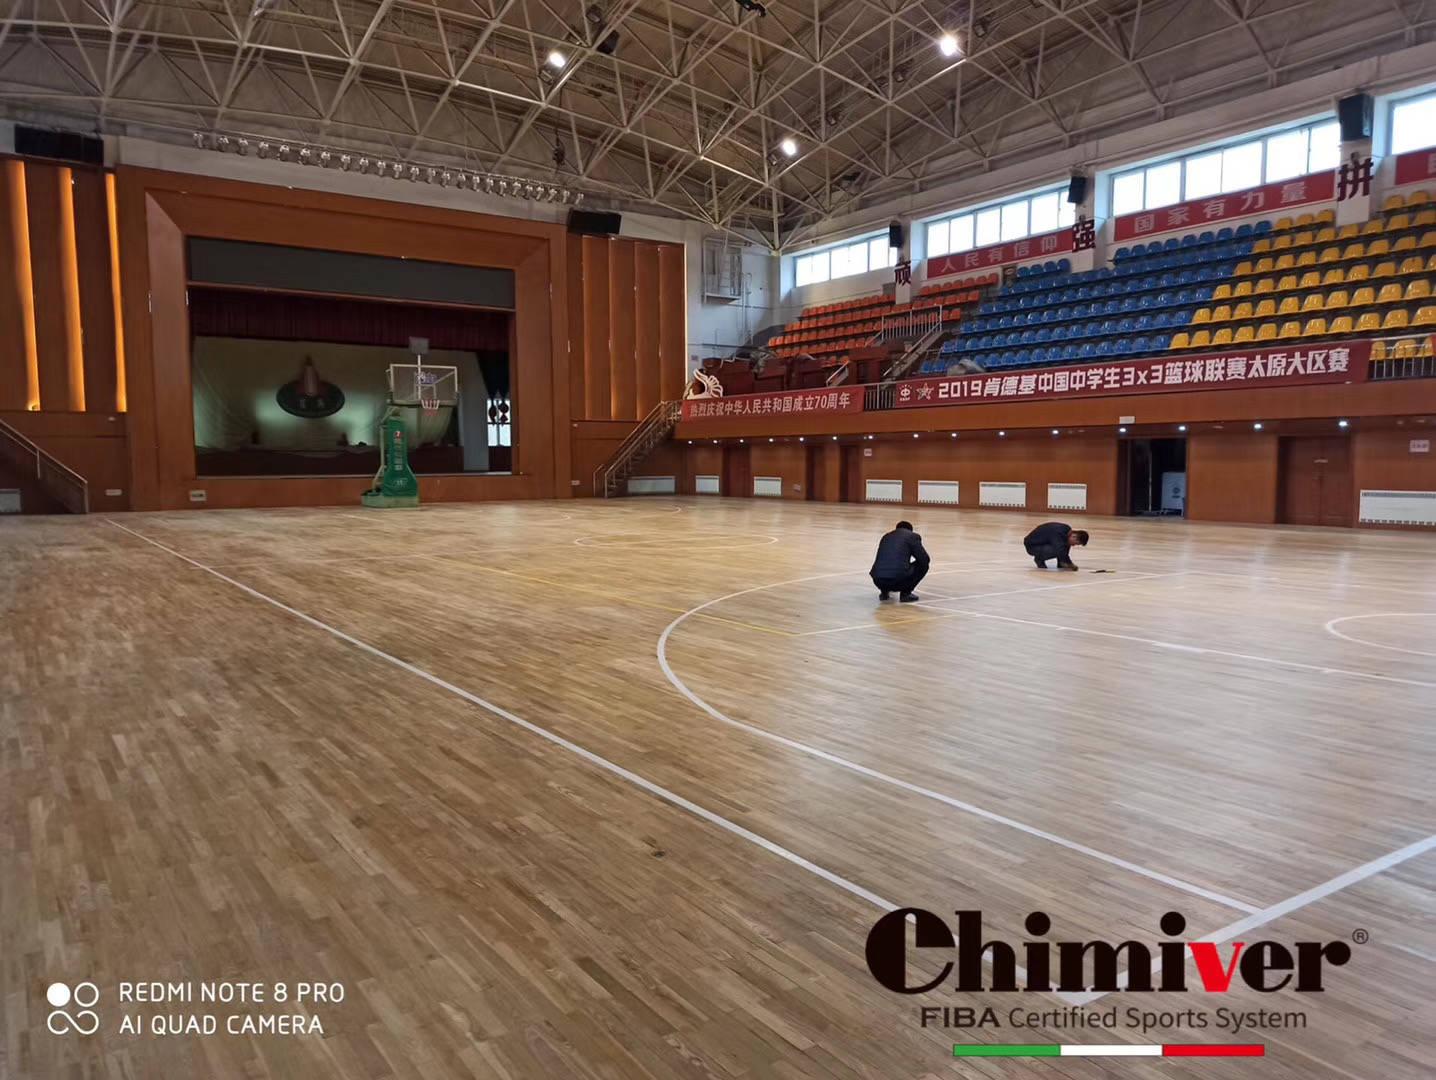 体育运动木地板如何翻新防滑?